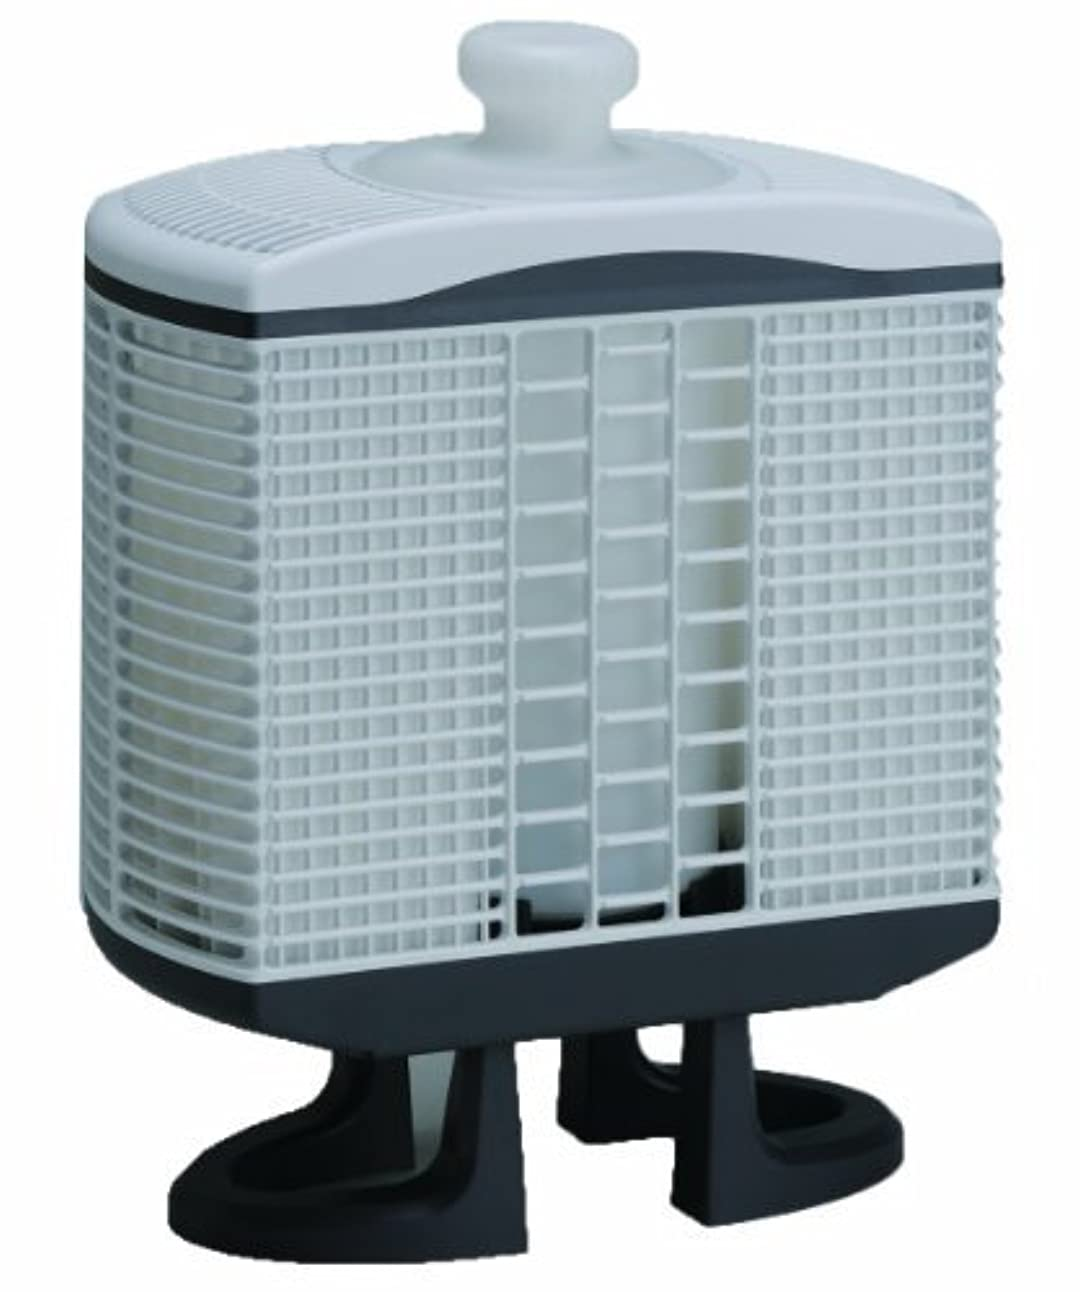 過ちセンチメートル長椅子セイエイ (Seiei) 電気を使わない加湿器 ガイアモパーソナルタイプ 【まとめ買い3個セット】